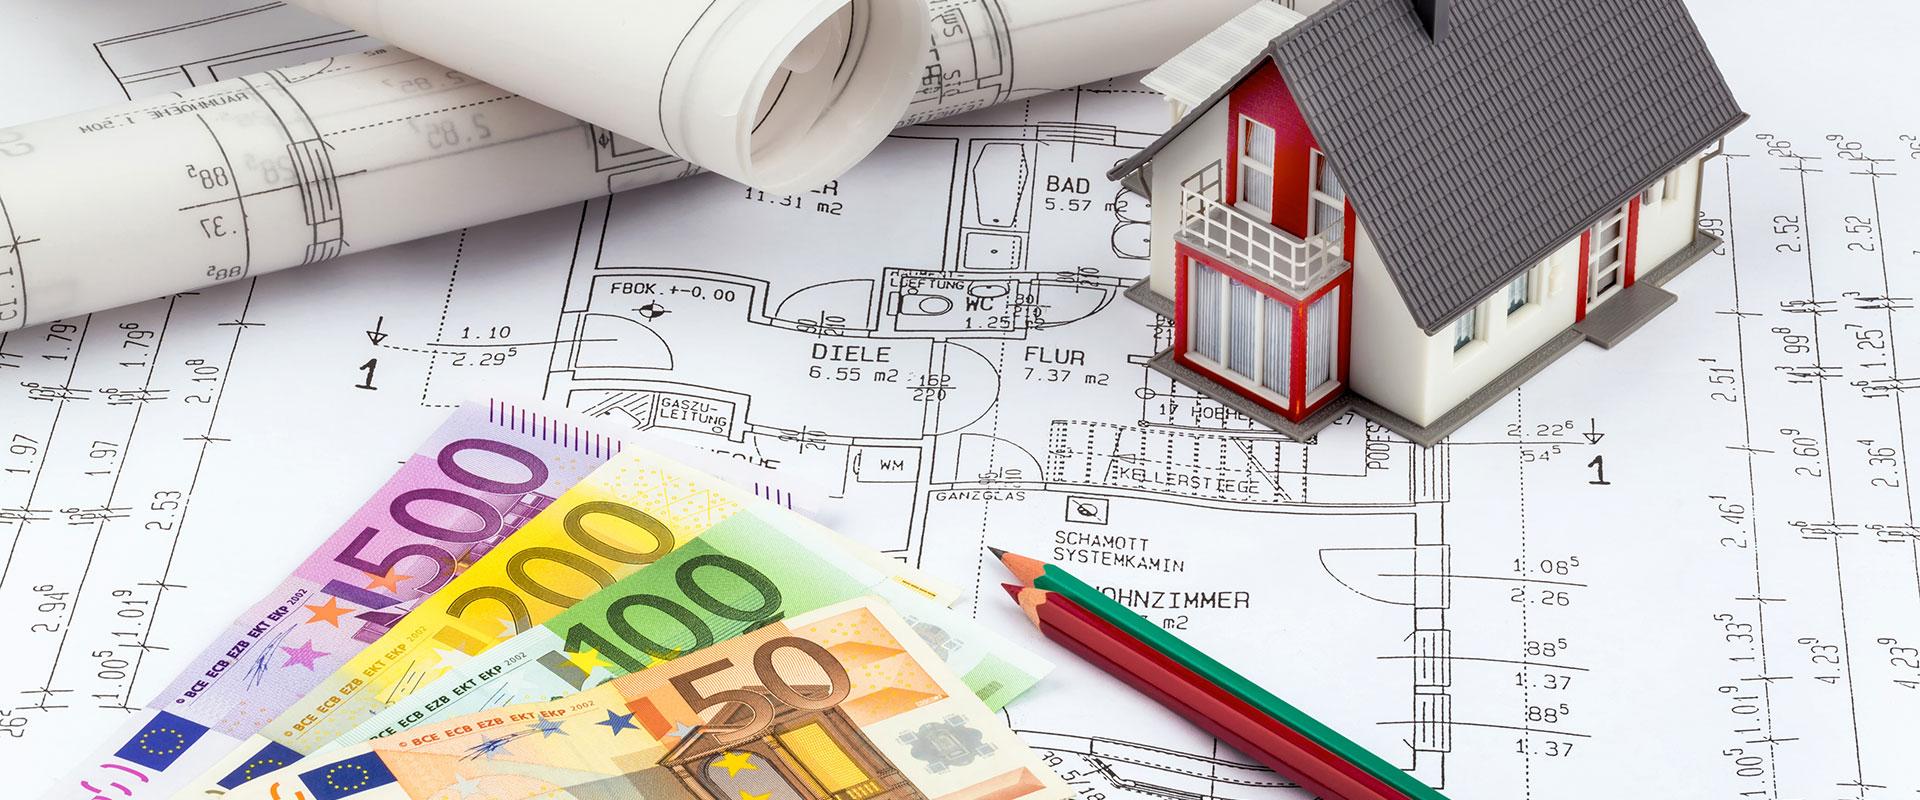 Abbildung Modellhaus und Geldnoten